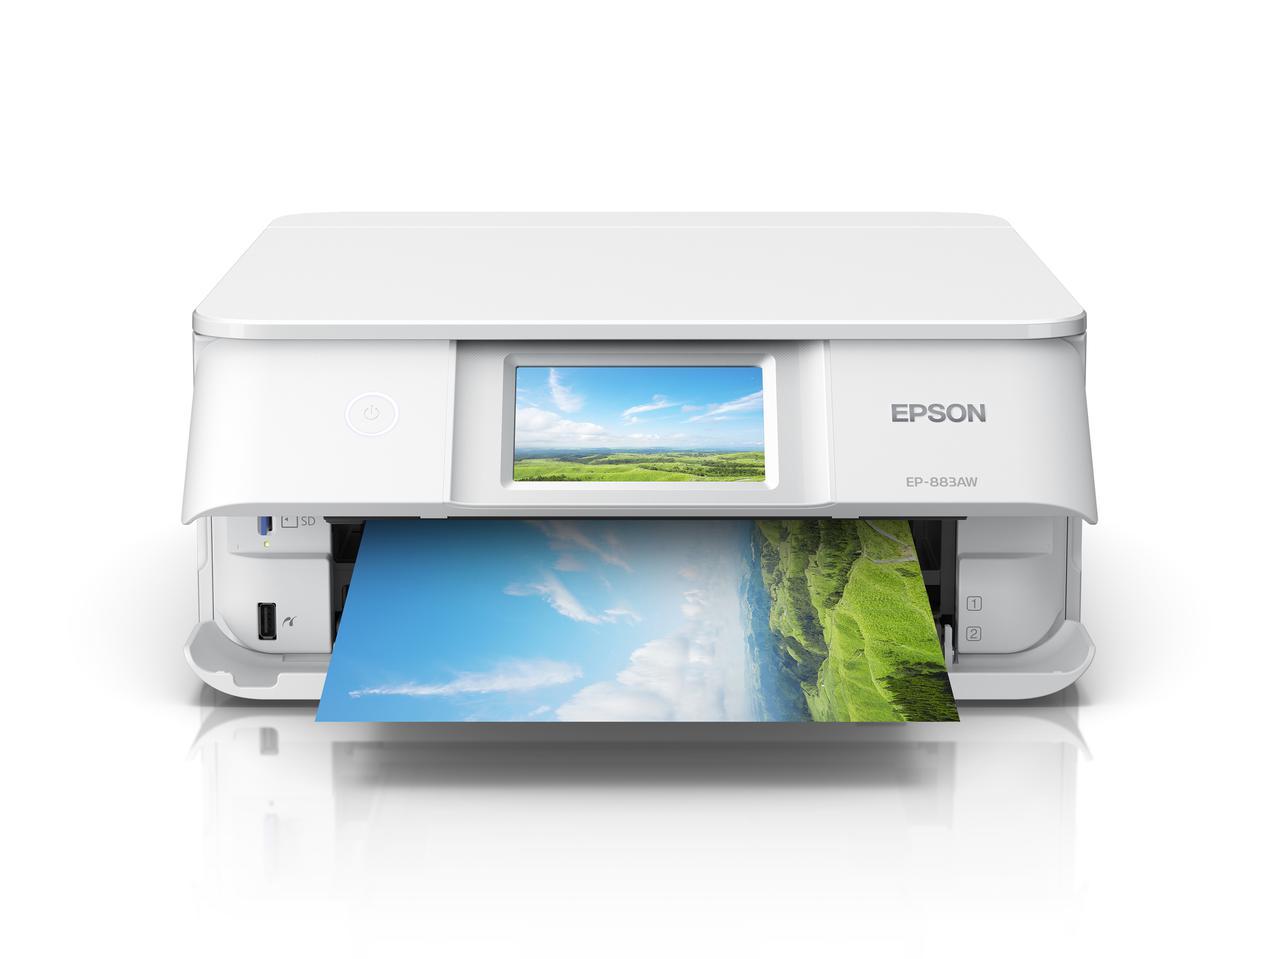 画像1: エプソンは家庭用インクジェットプリンター8種類10モデル発表。 発売は2020年10月22日(木)より順次。